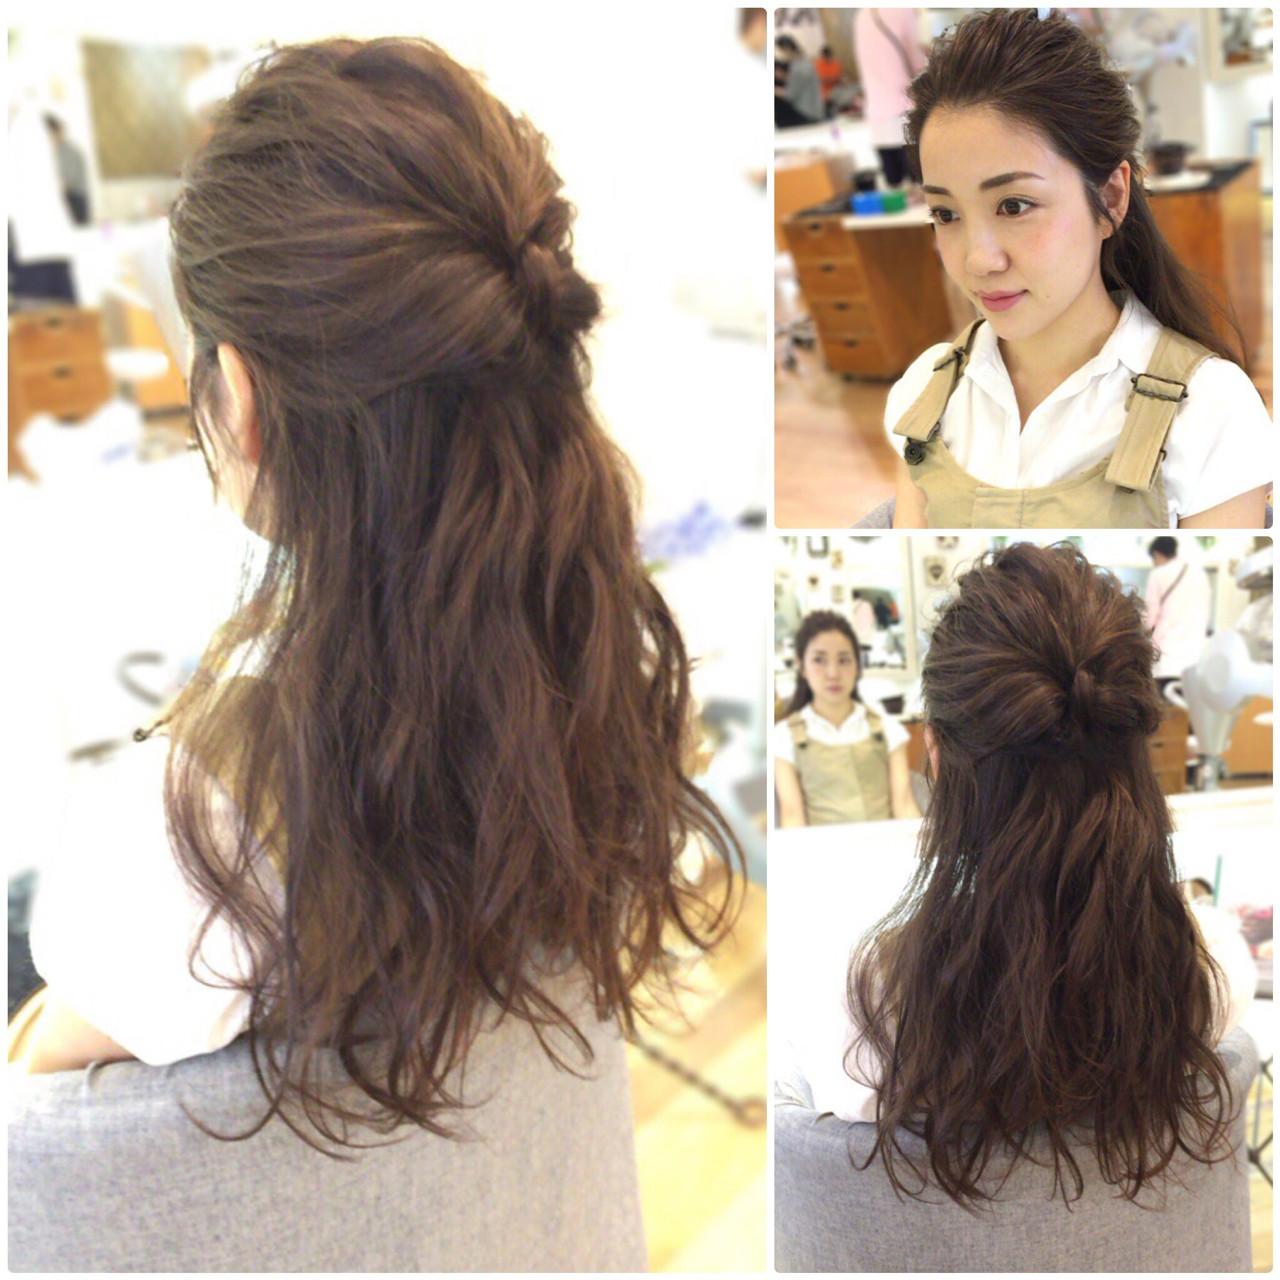 アップスタイル ヘアアレンジ フェミニン 結婚式 ヘアスタイルや髪型の写真・画像